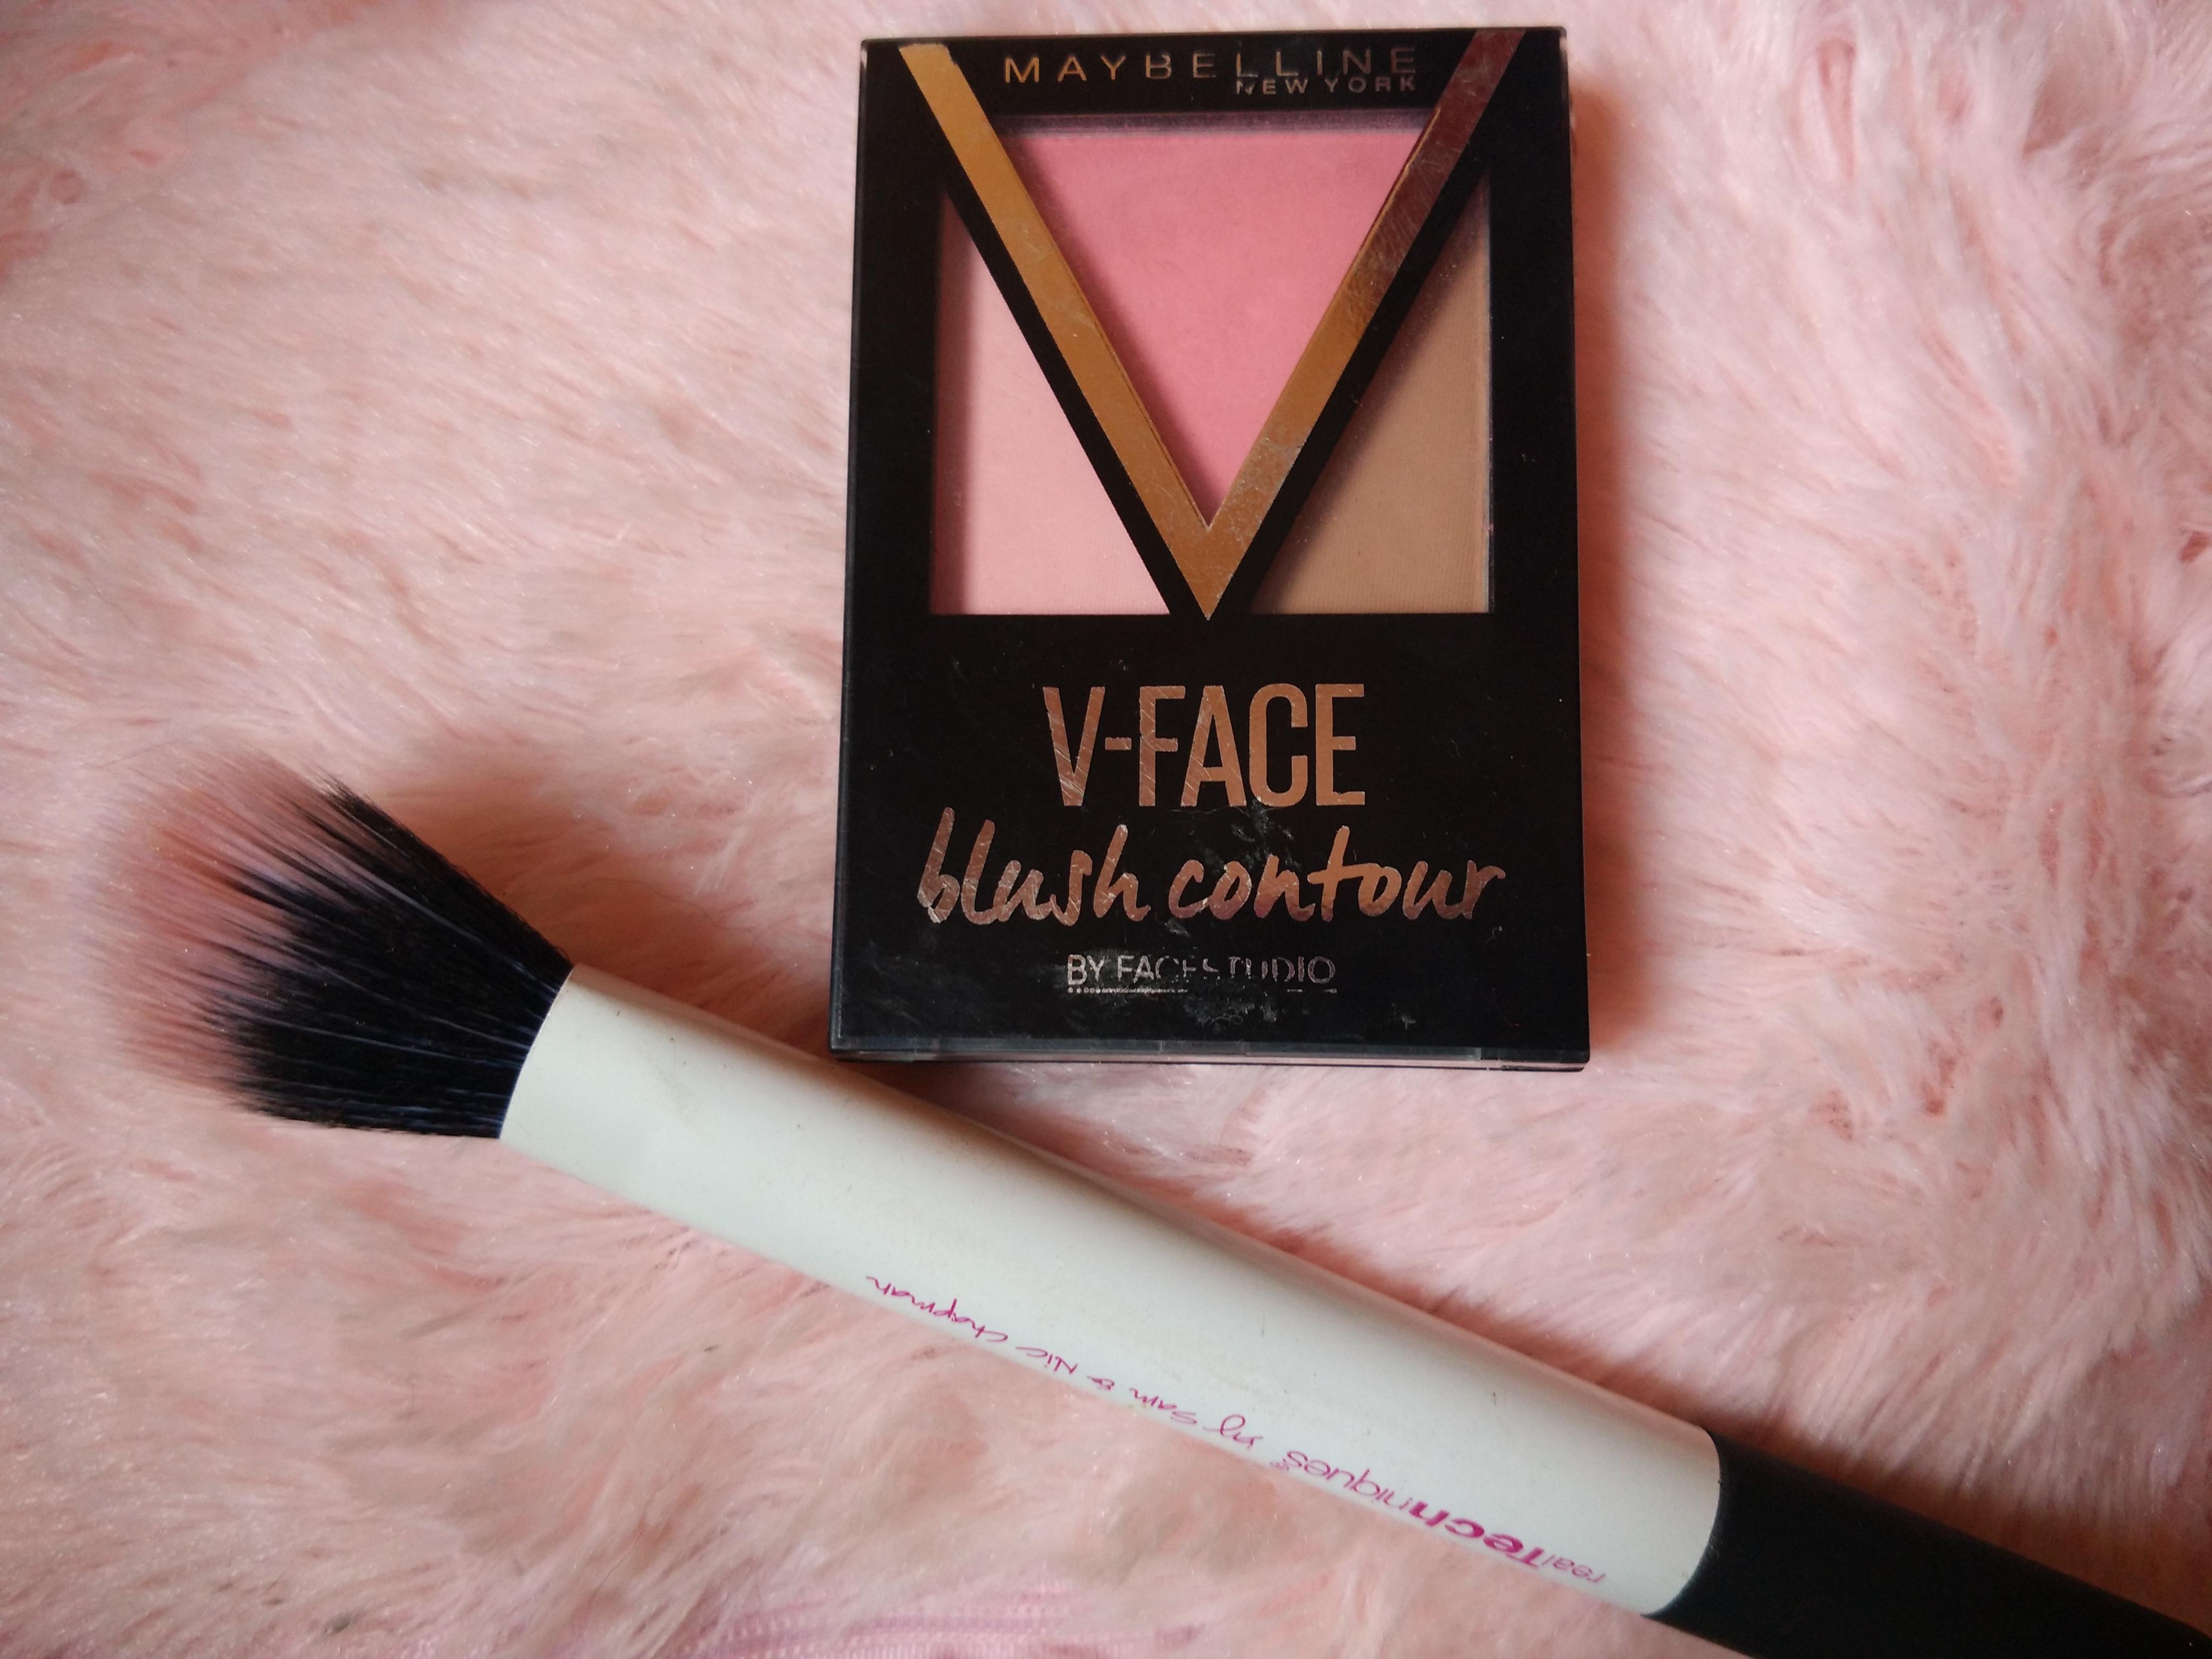 Maybelline V-Face Range